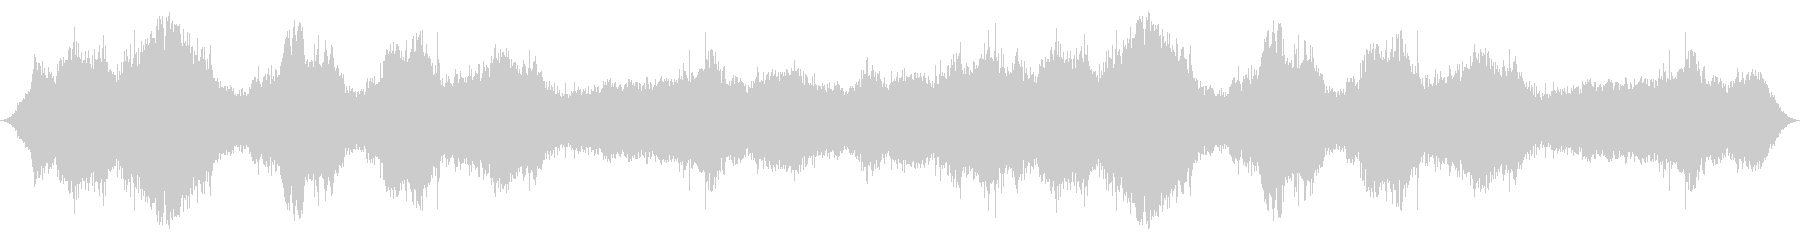 オーシャン:ヘビーオーバーロックス...の未再生の波形